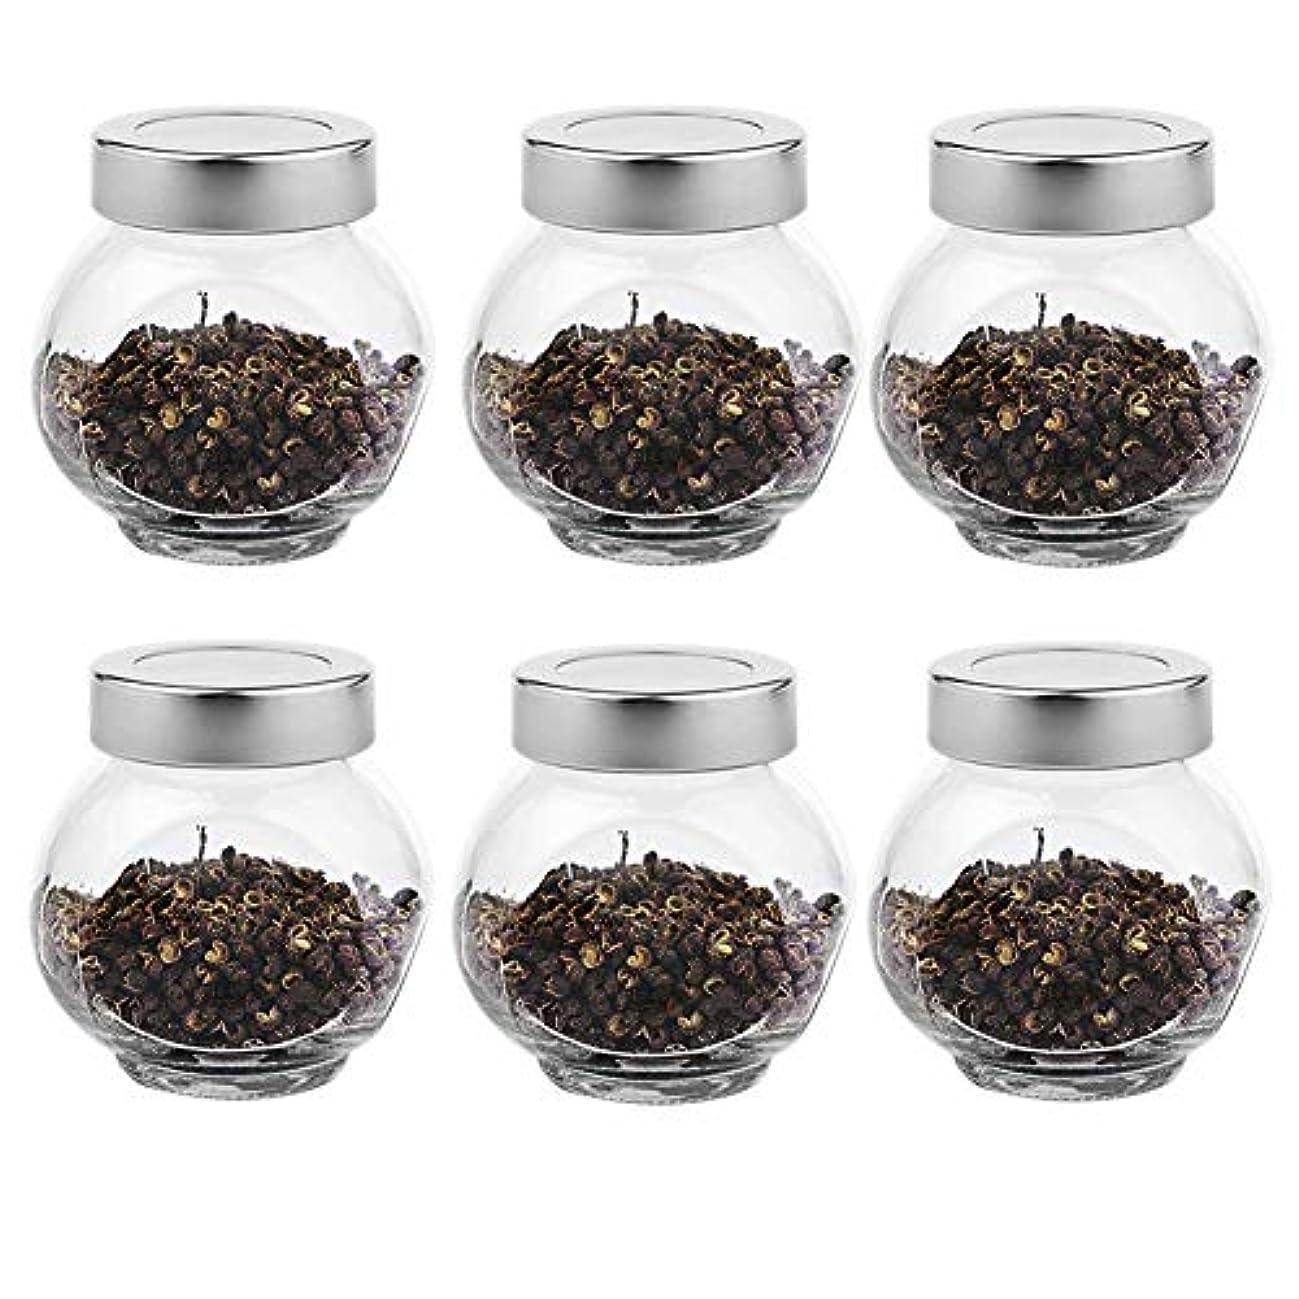 ささやきだます虫6つの透明ガラス貯蔵容器茶/季節密封缶(200 ml)の貯蔵ジャーパック